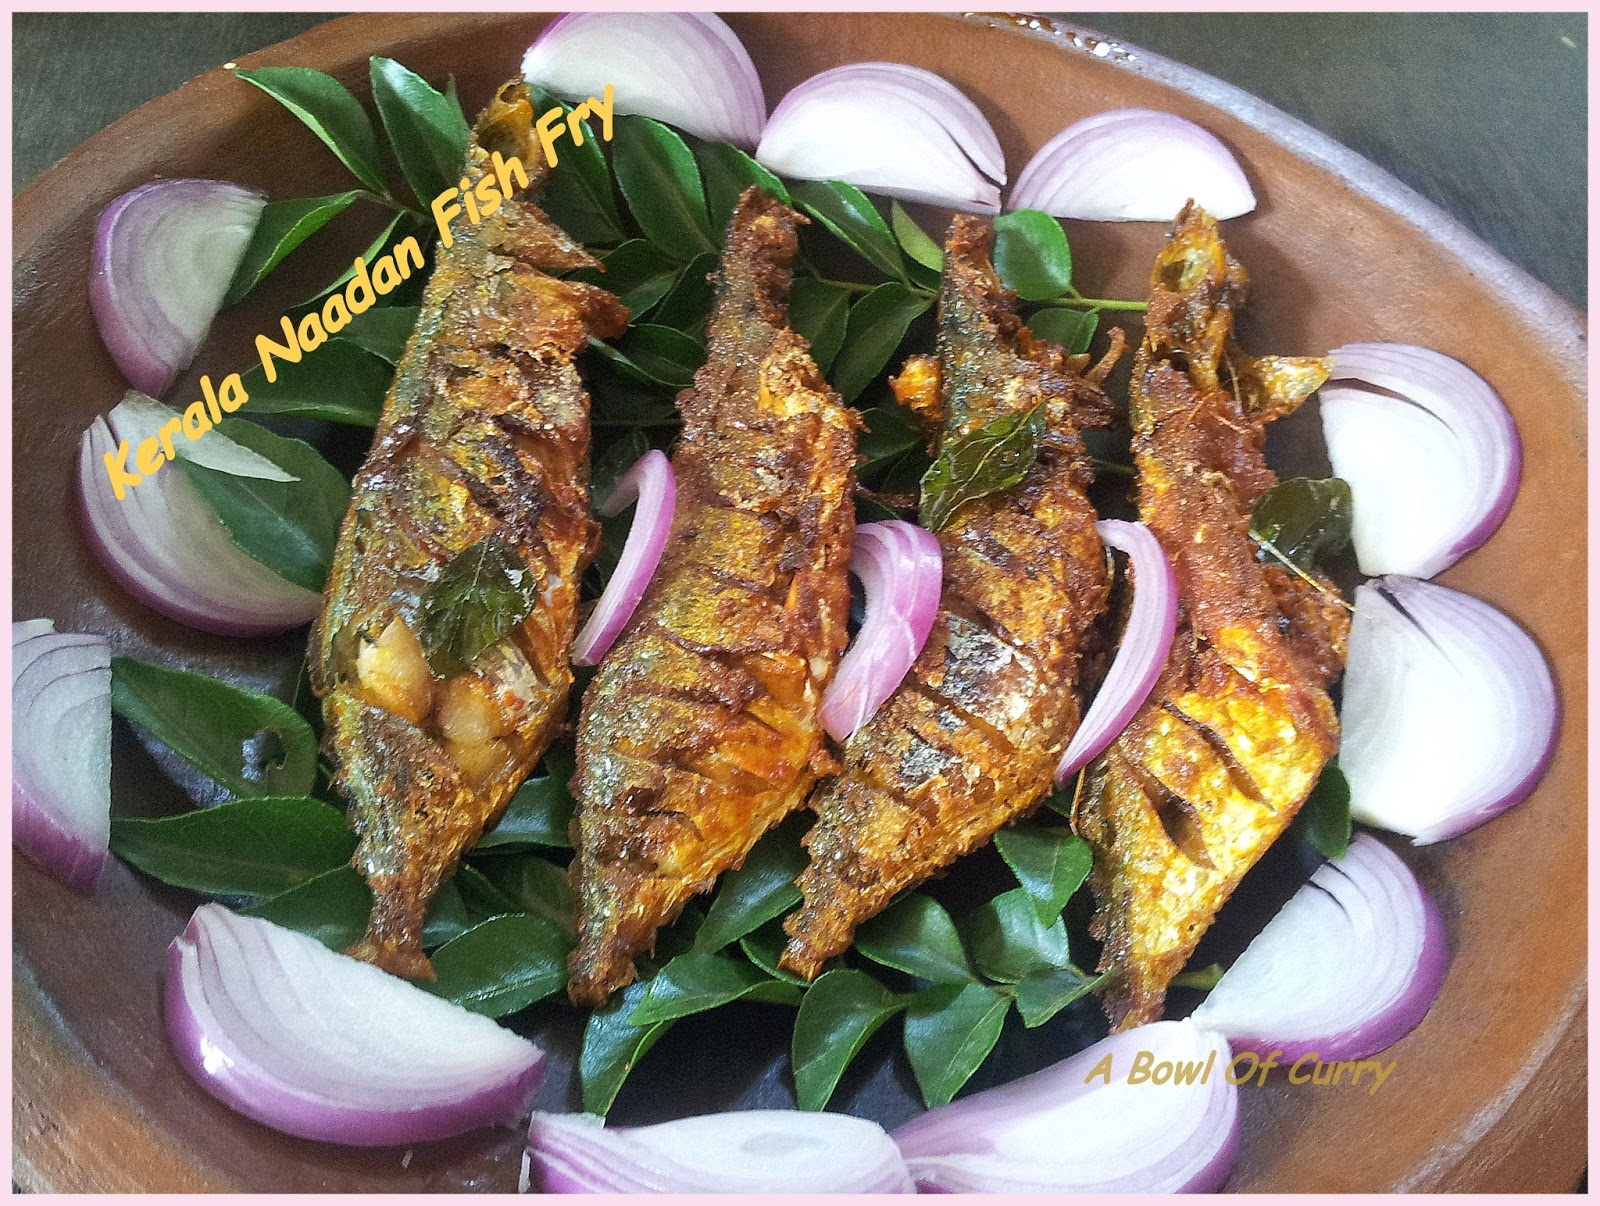 A Bowl Of Curry Kerala Naadan Fish Fry Aila Fry